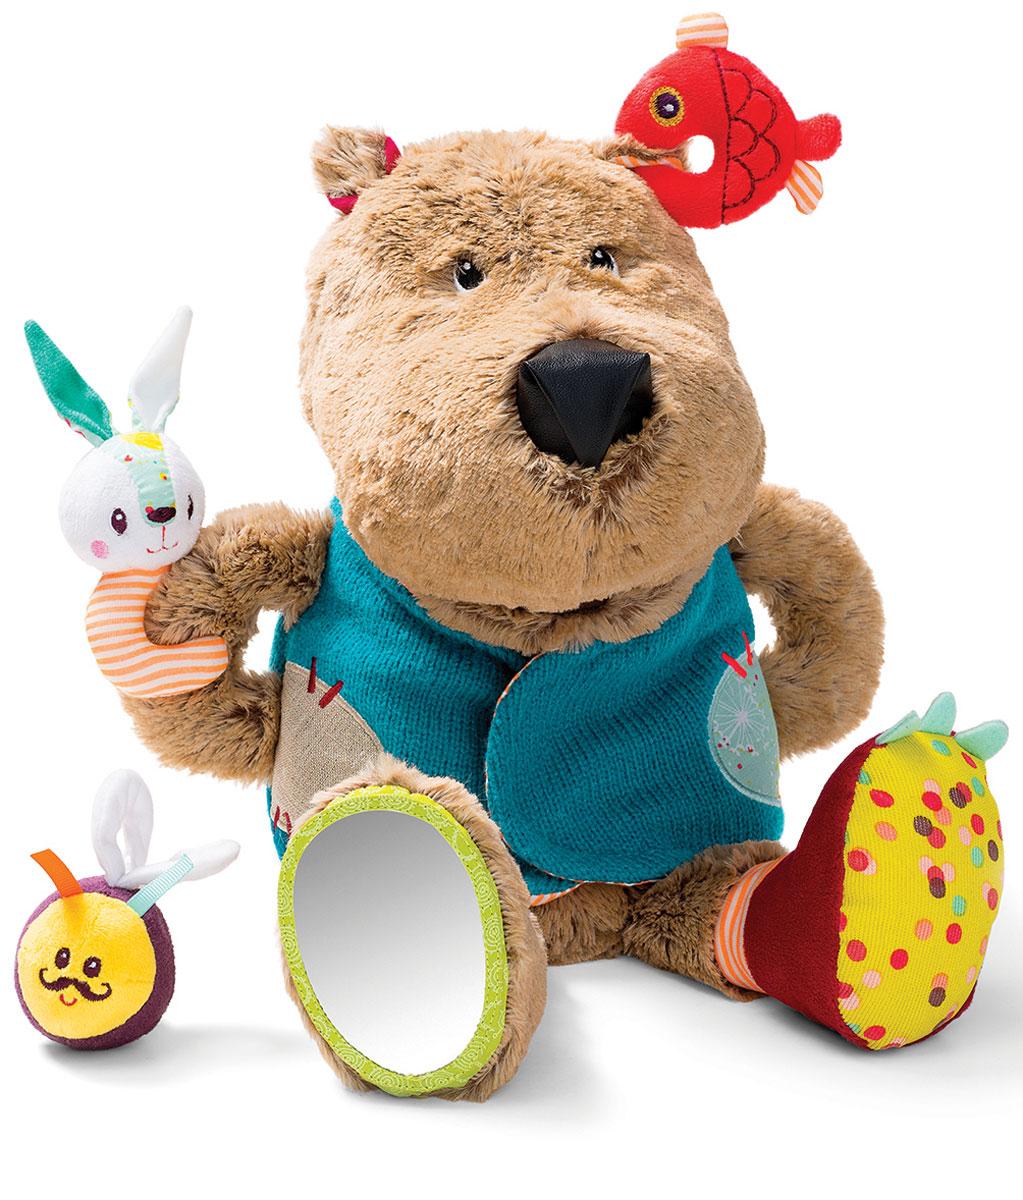 Lilliputiens Развивающая игрушка Медвежонок Цезарь  сумки для детей lilliputiens медвежонок цезарь мягкая сумочка через плечо